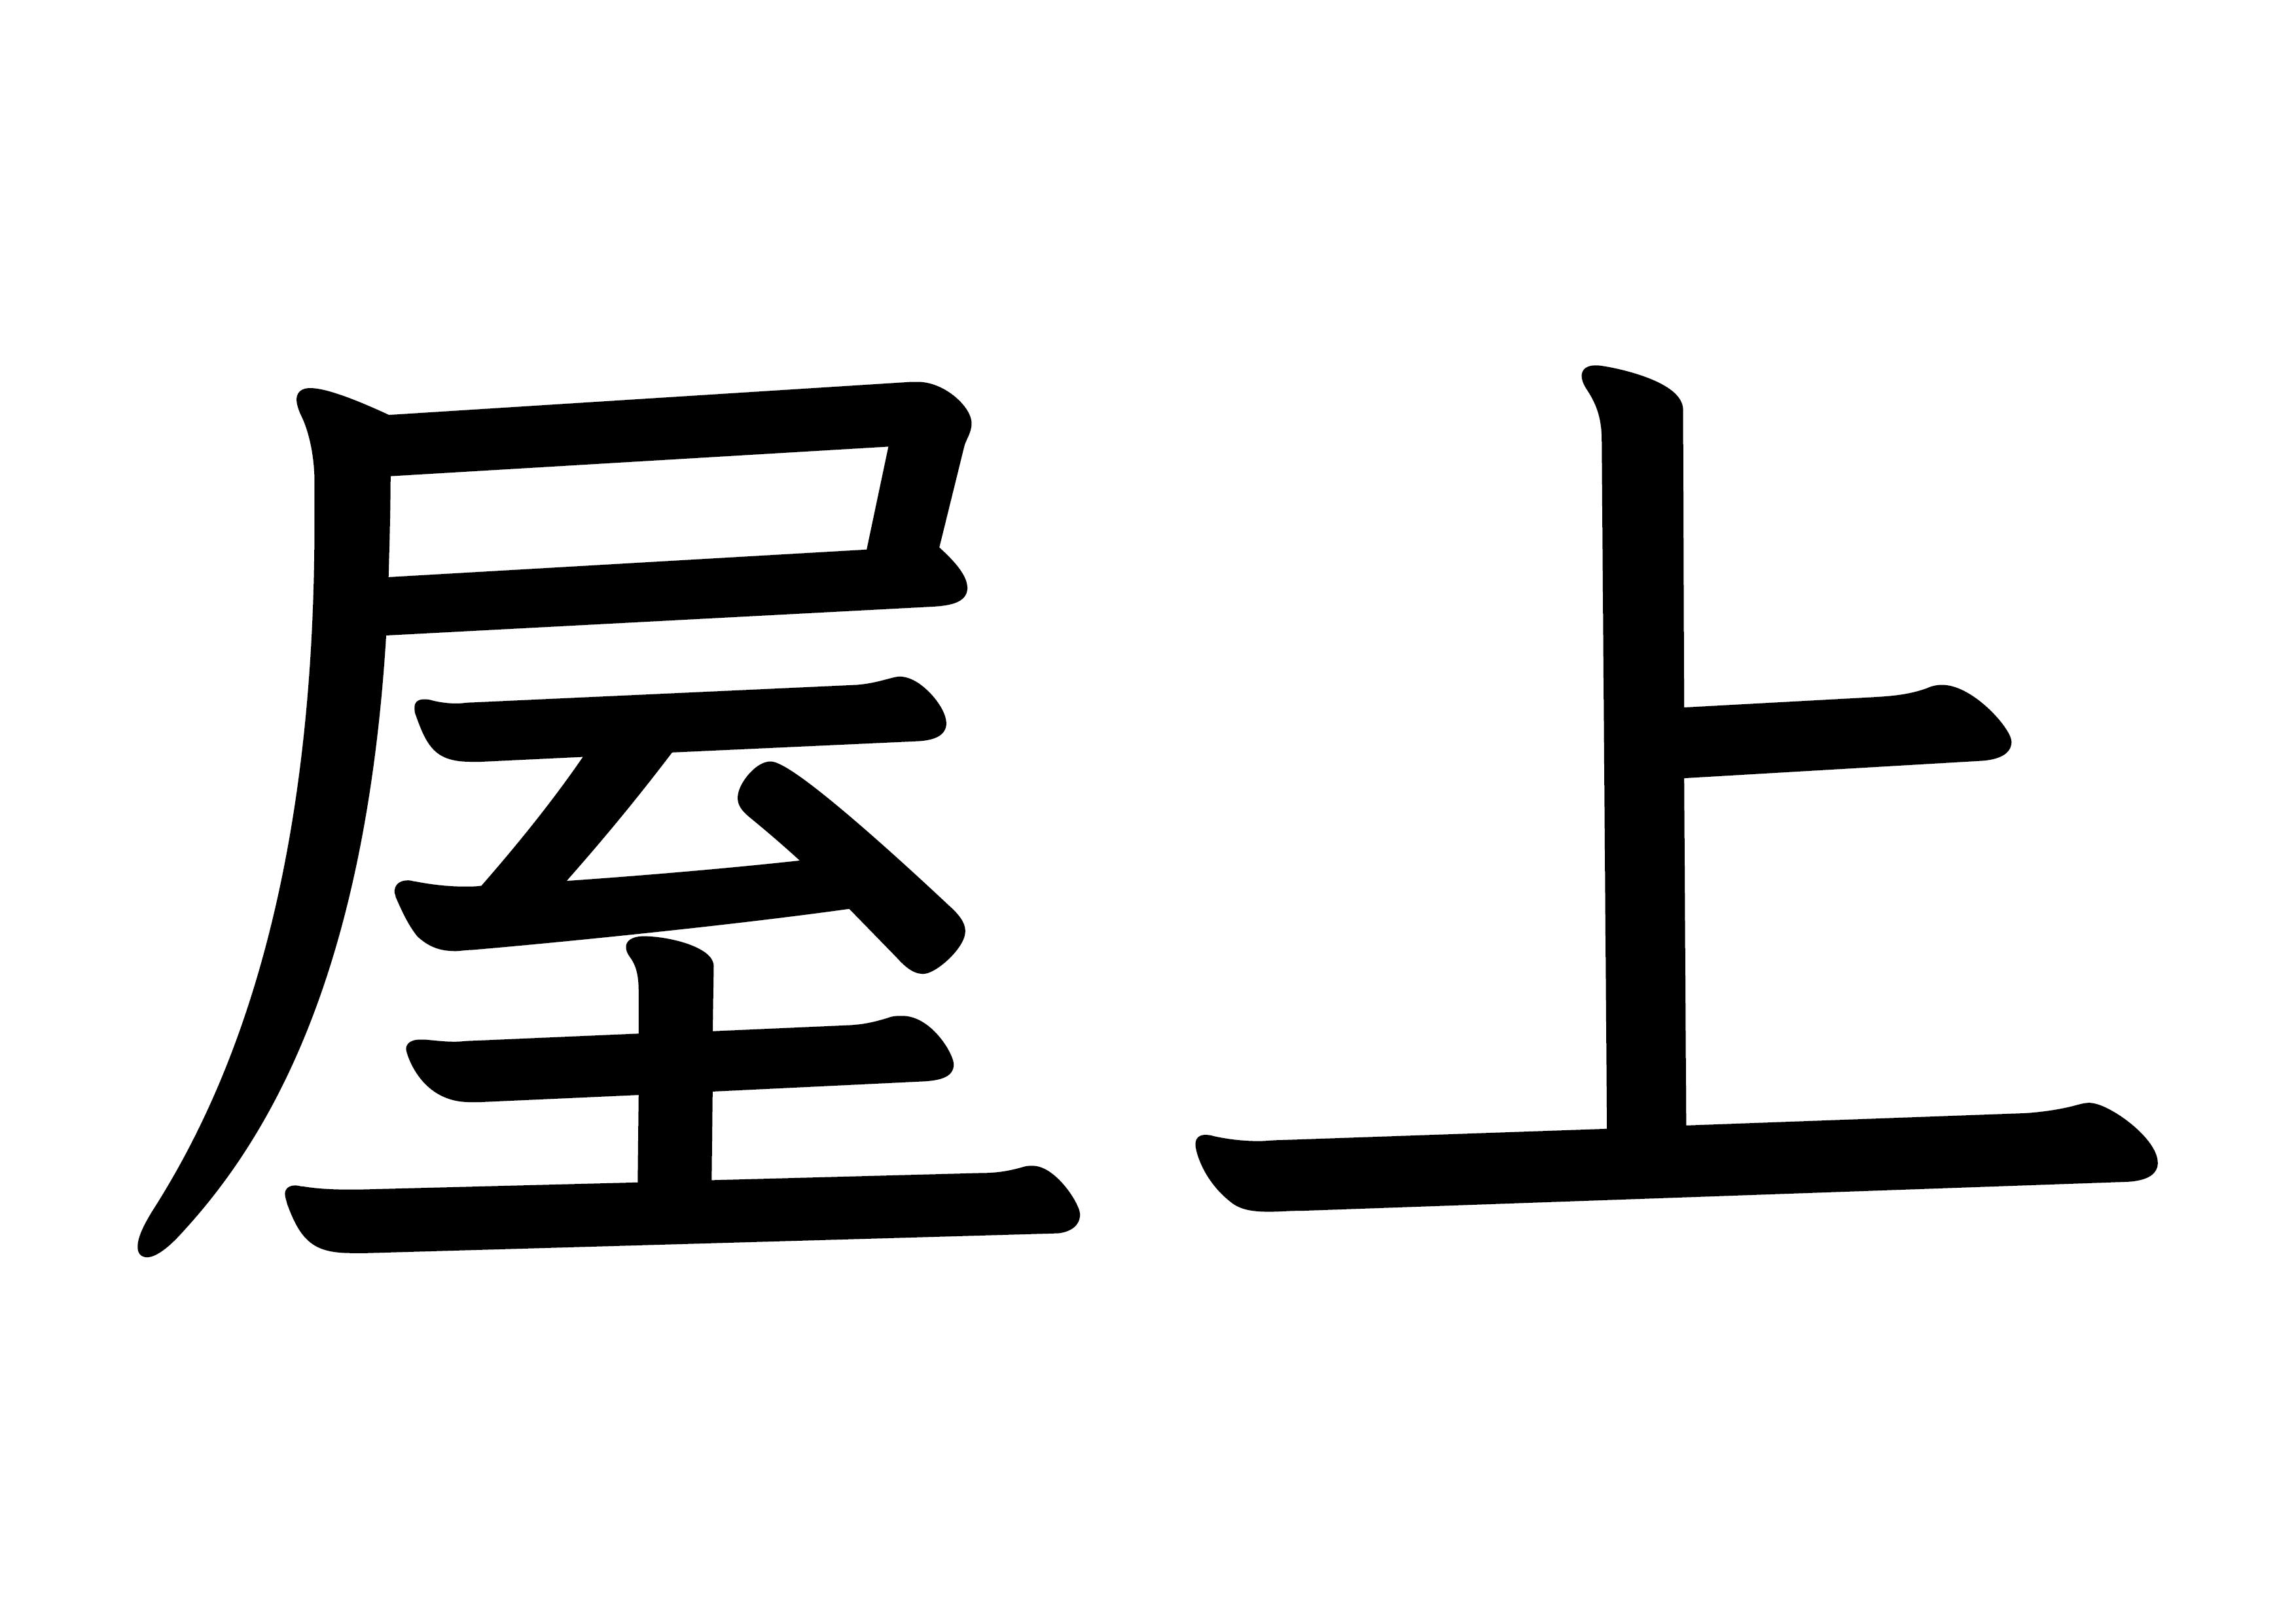 35課文字カード【屋上】